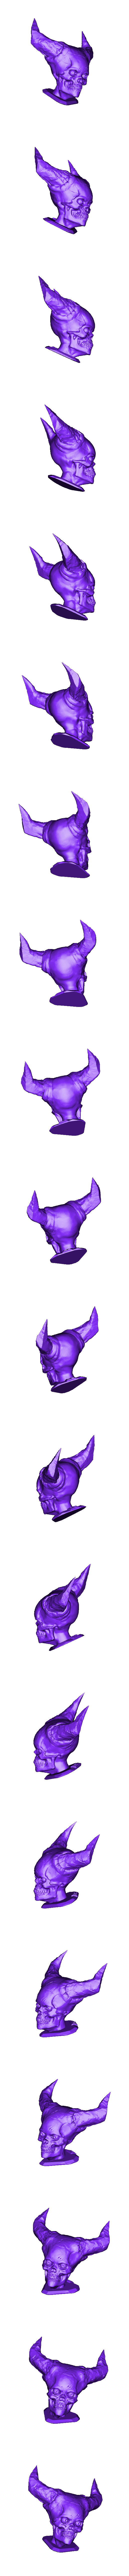 hellSkull_126k.stl Télécharger fichier STL gratuit Crâne de l'Enfer • Plan pour imprimante 3D, Sculptor